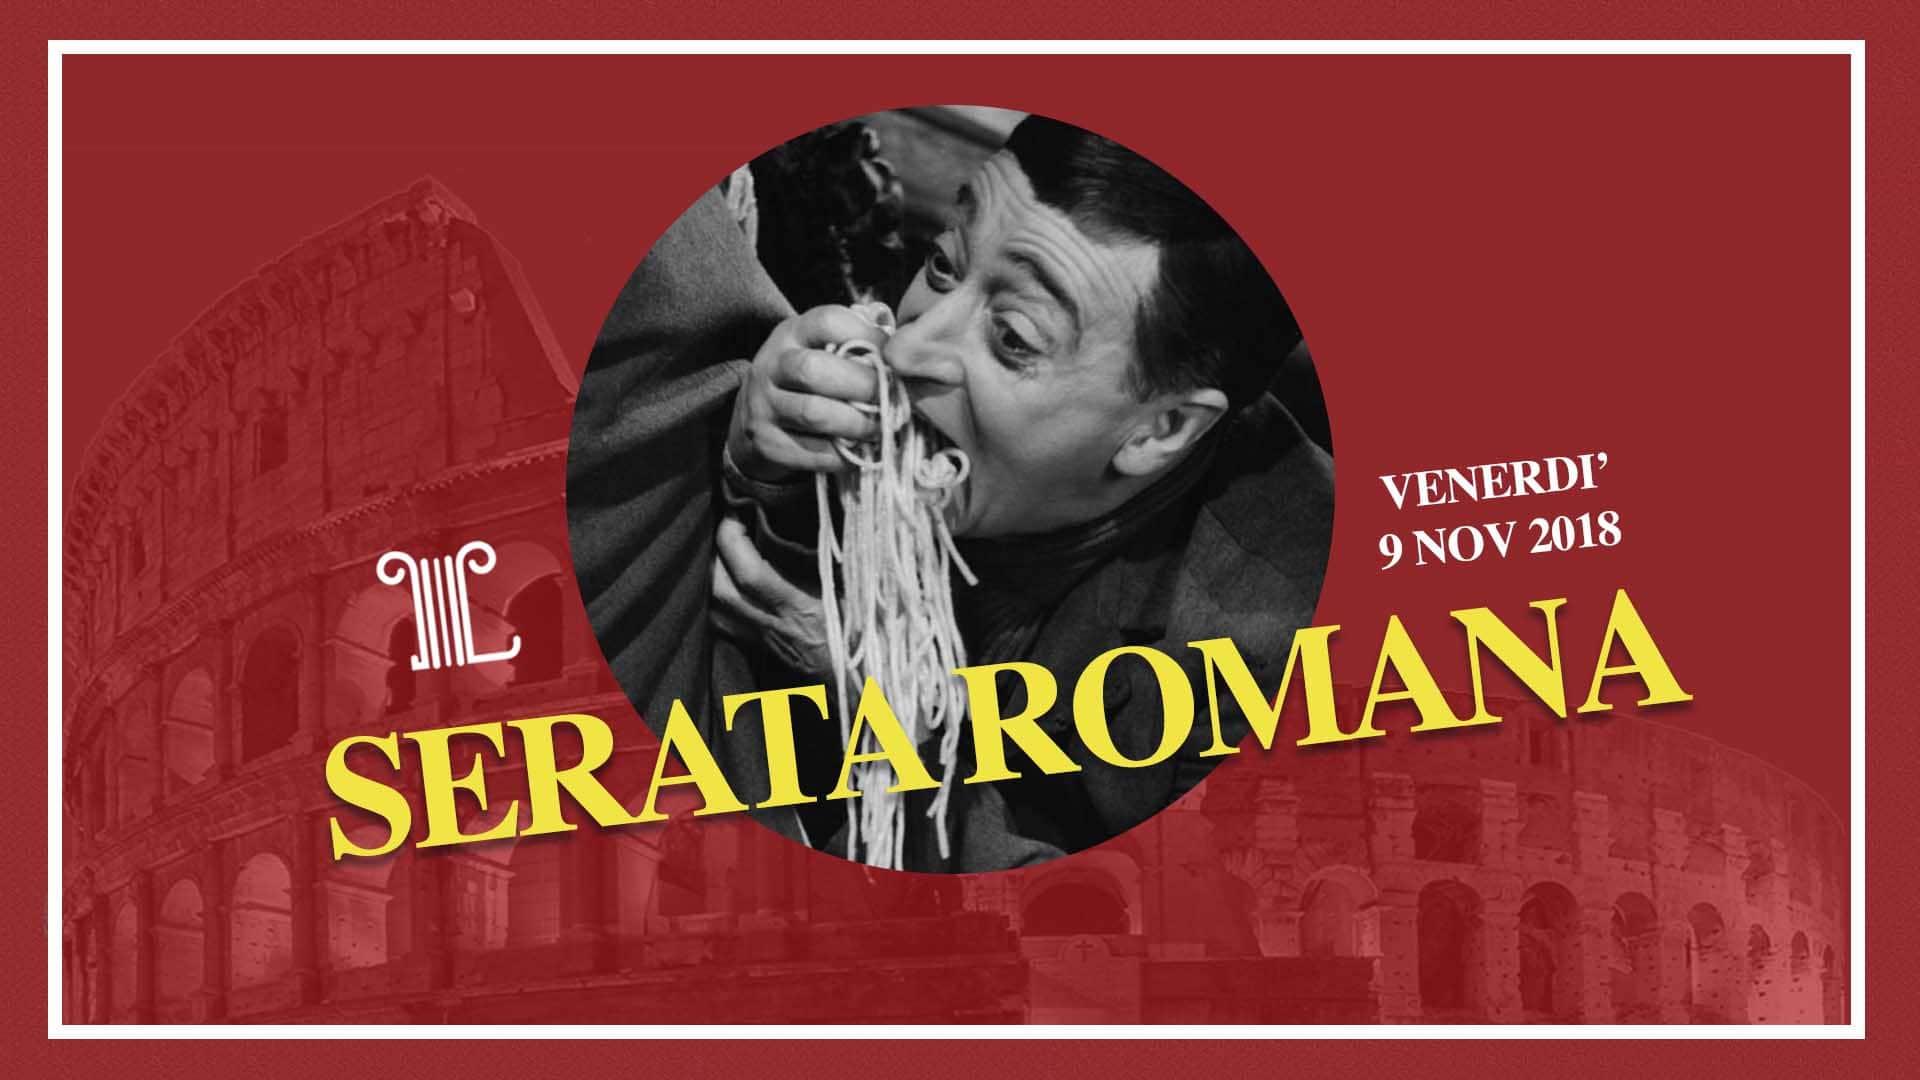 L'altra tappa - Serata ROMANA evento WEB NOVEMBRE